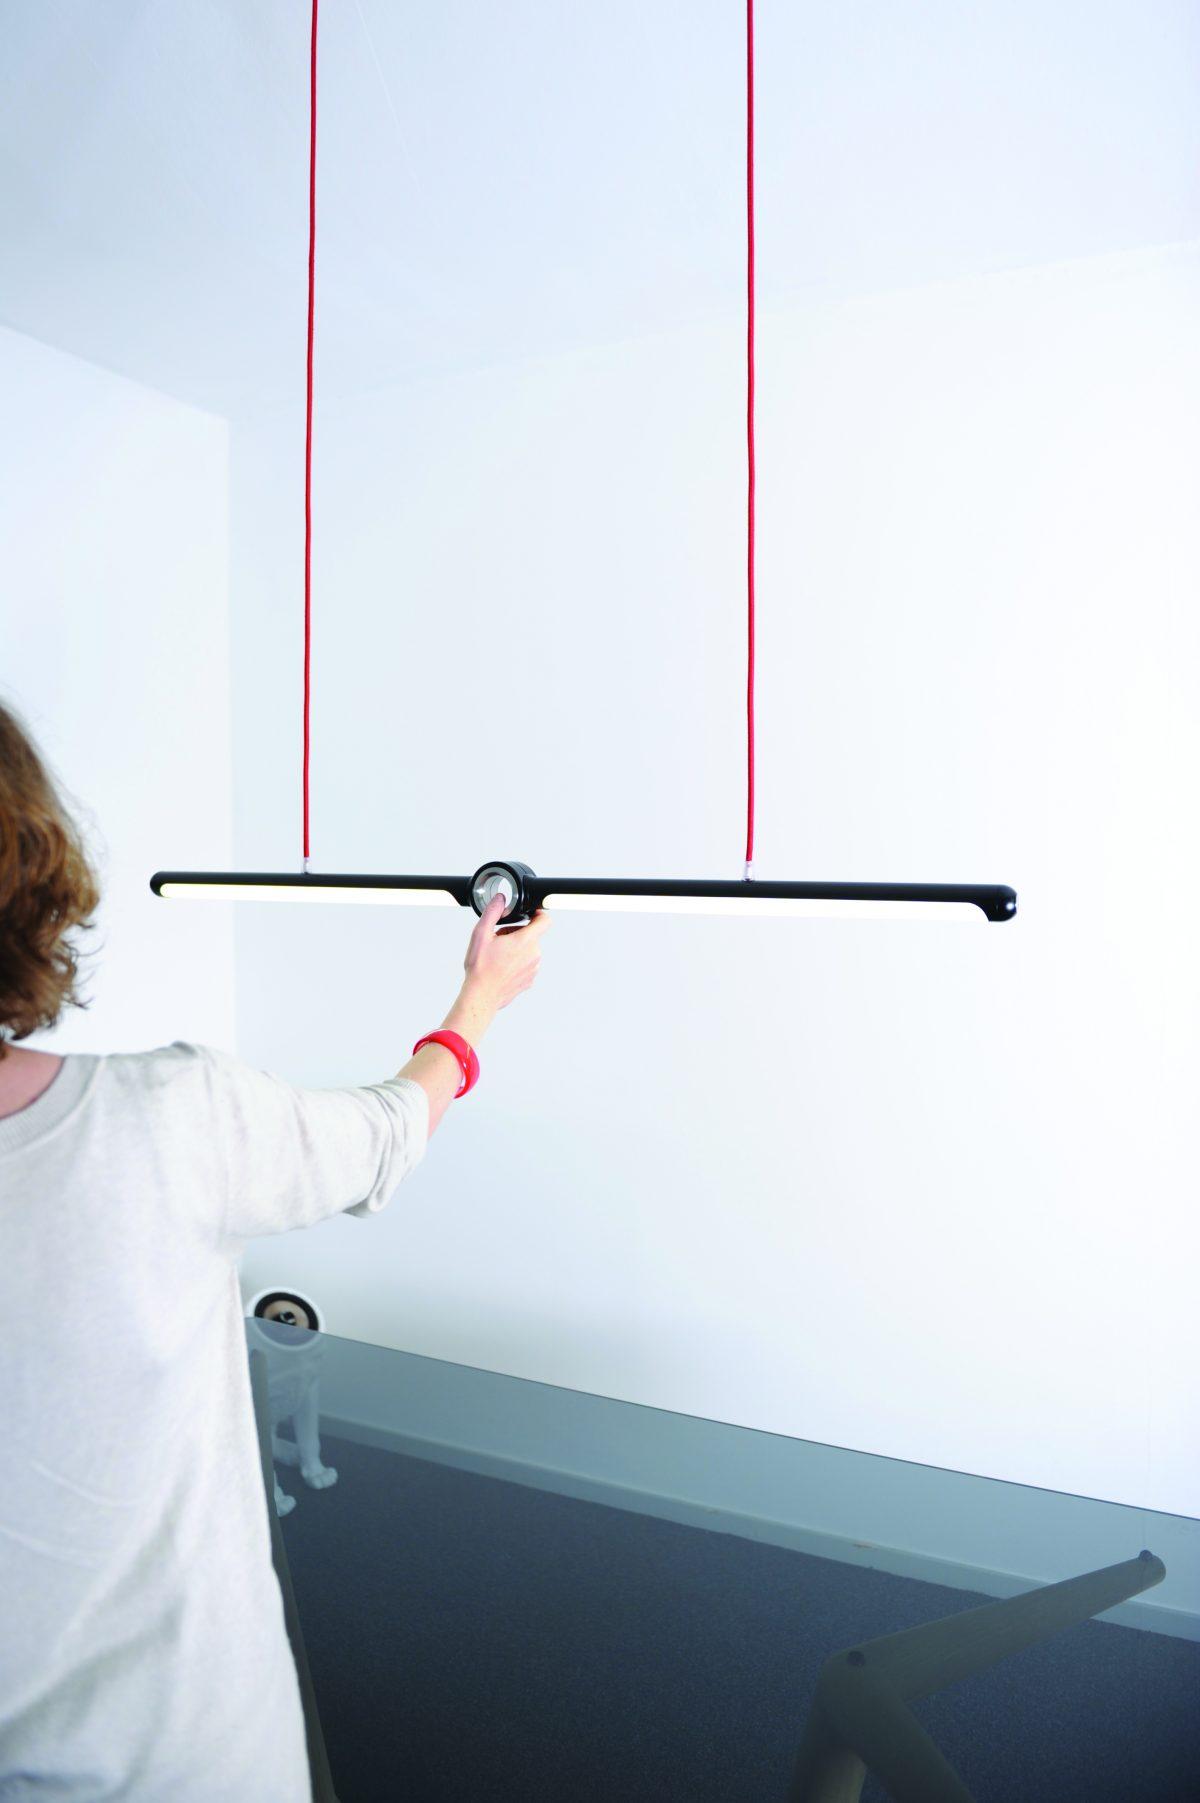 Sander Mulder hanglamp Cyclops aan